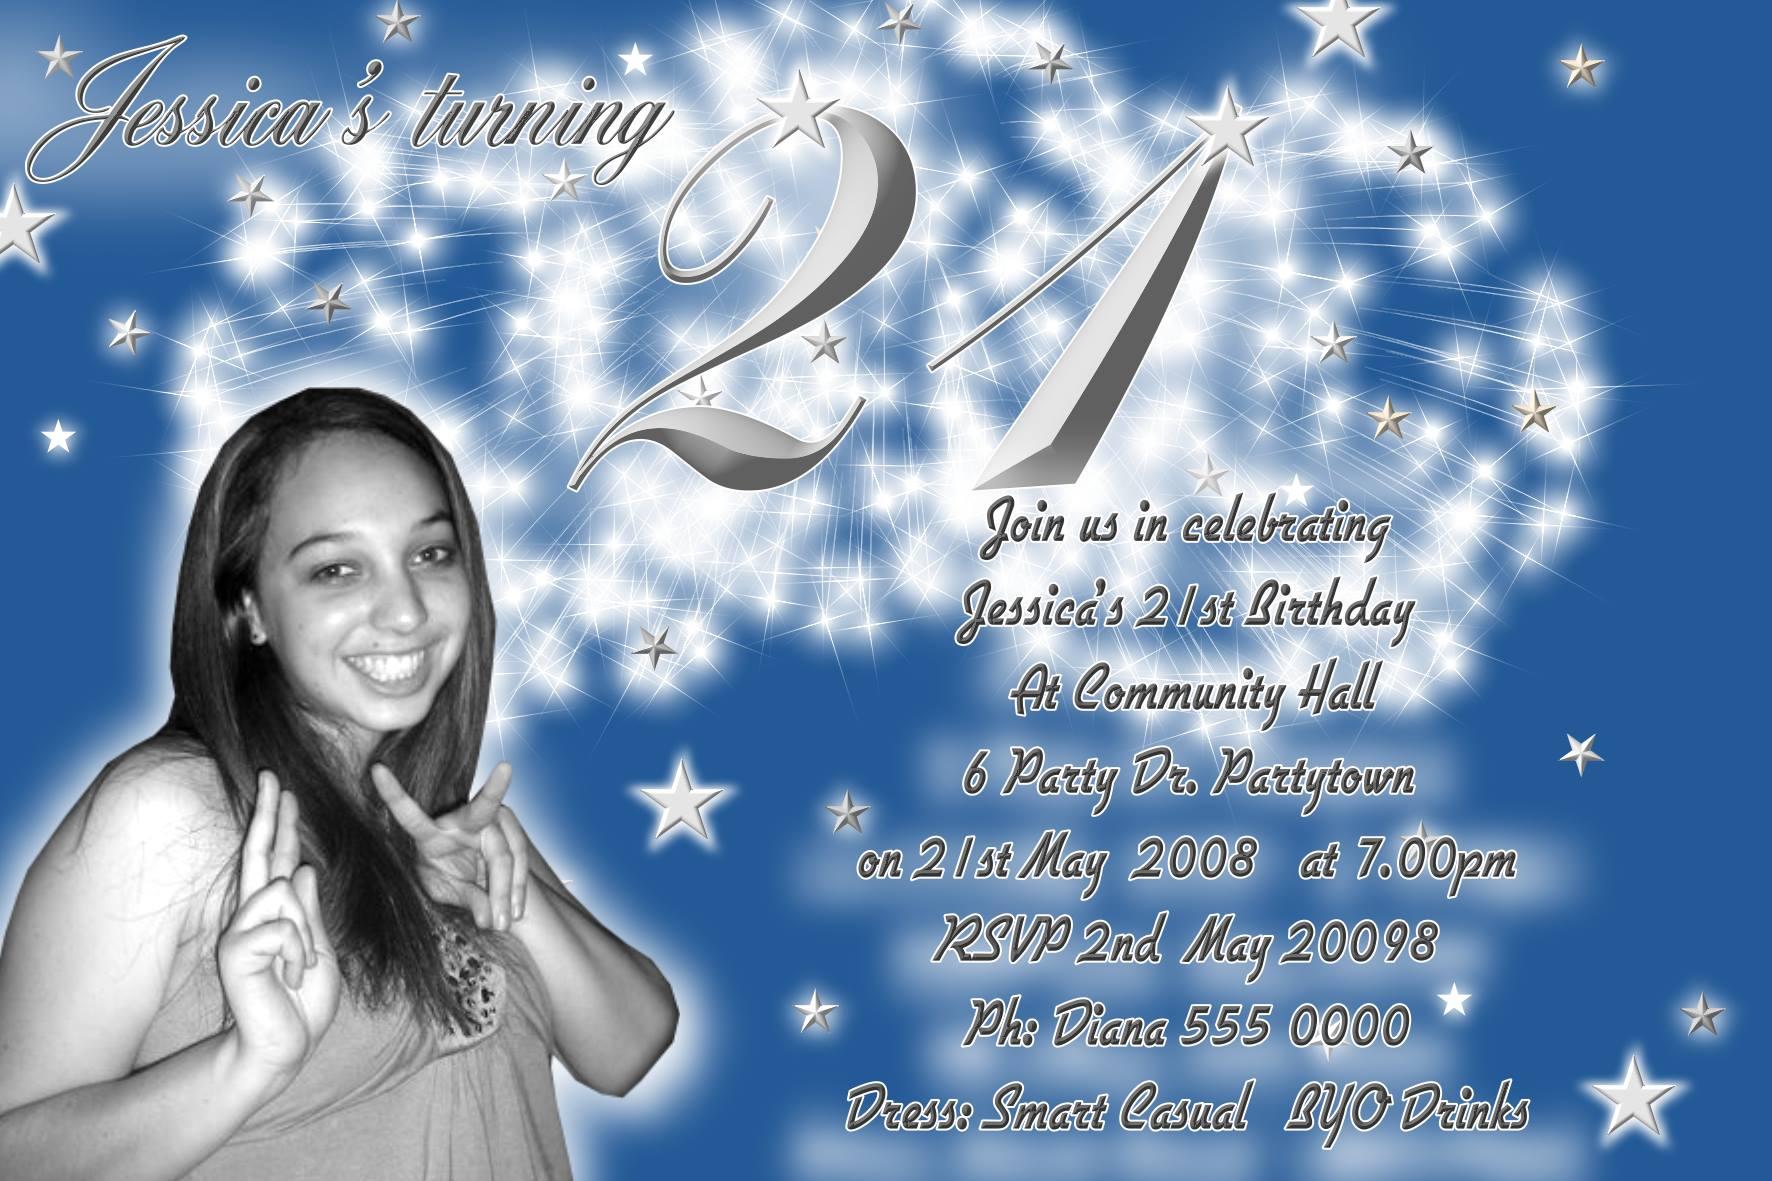 16th 18th 21st 30th 40th 50th 60th 70th 80th birthday invitations